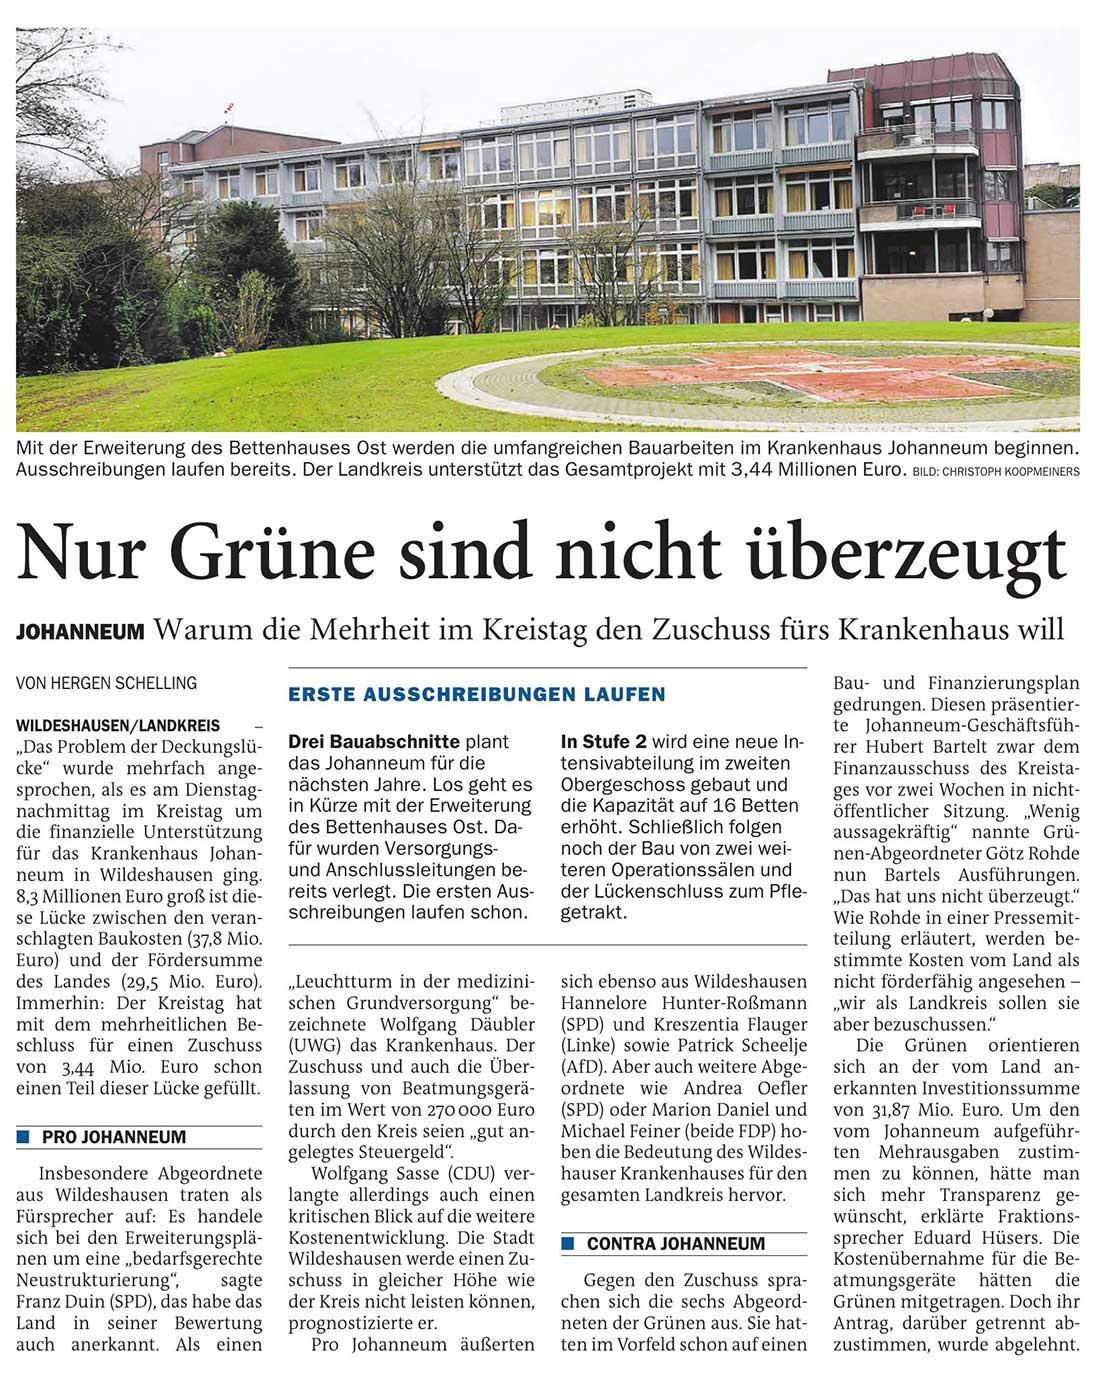 Nur Grüne sind nicht überzeugtJohanneum: Warum die Mehrheit im Kreistag den Zuschuss fürs Krankenhaus willArtikel vom 25.03.2021 (NWZ)